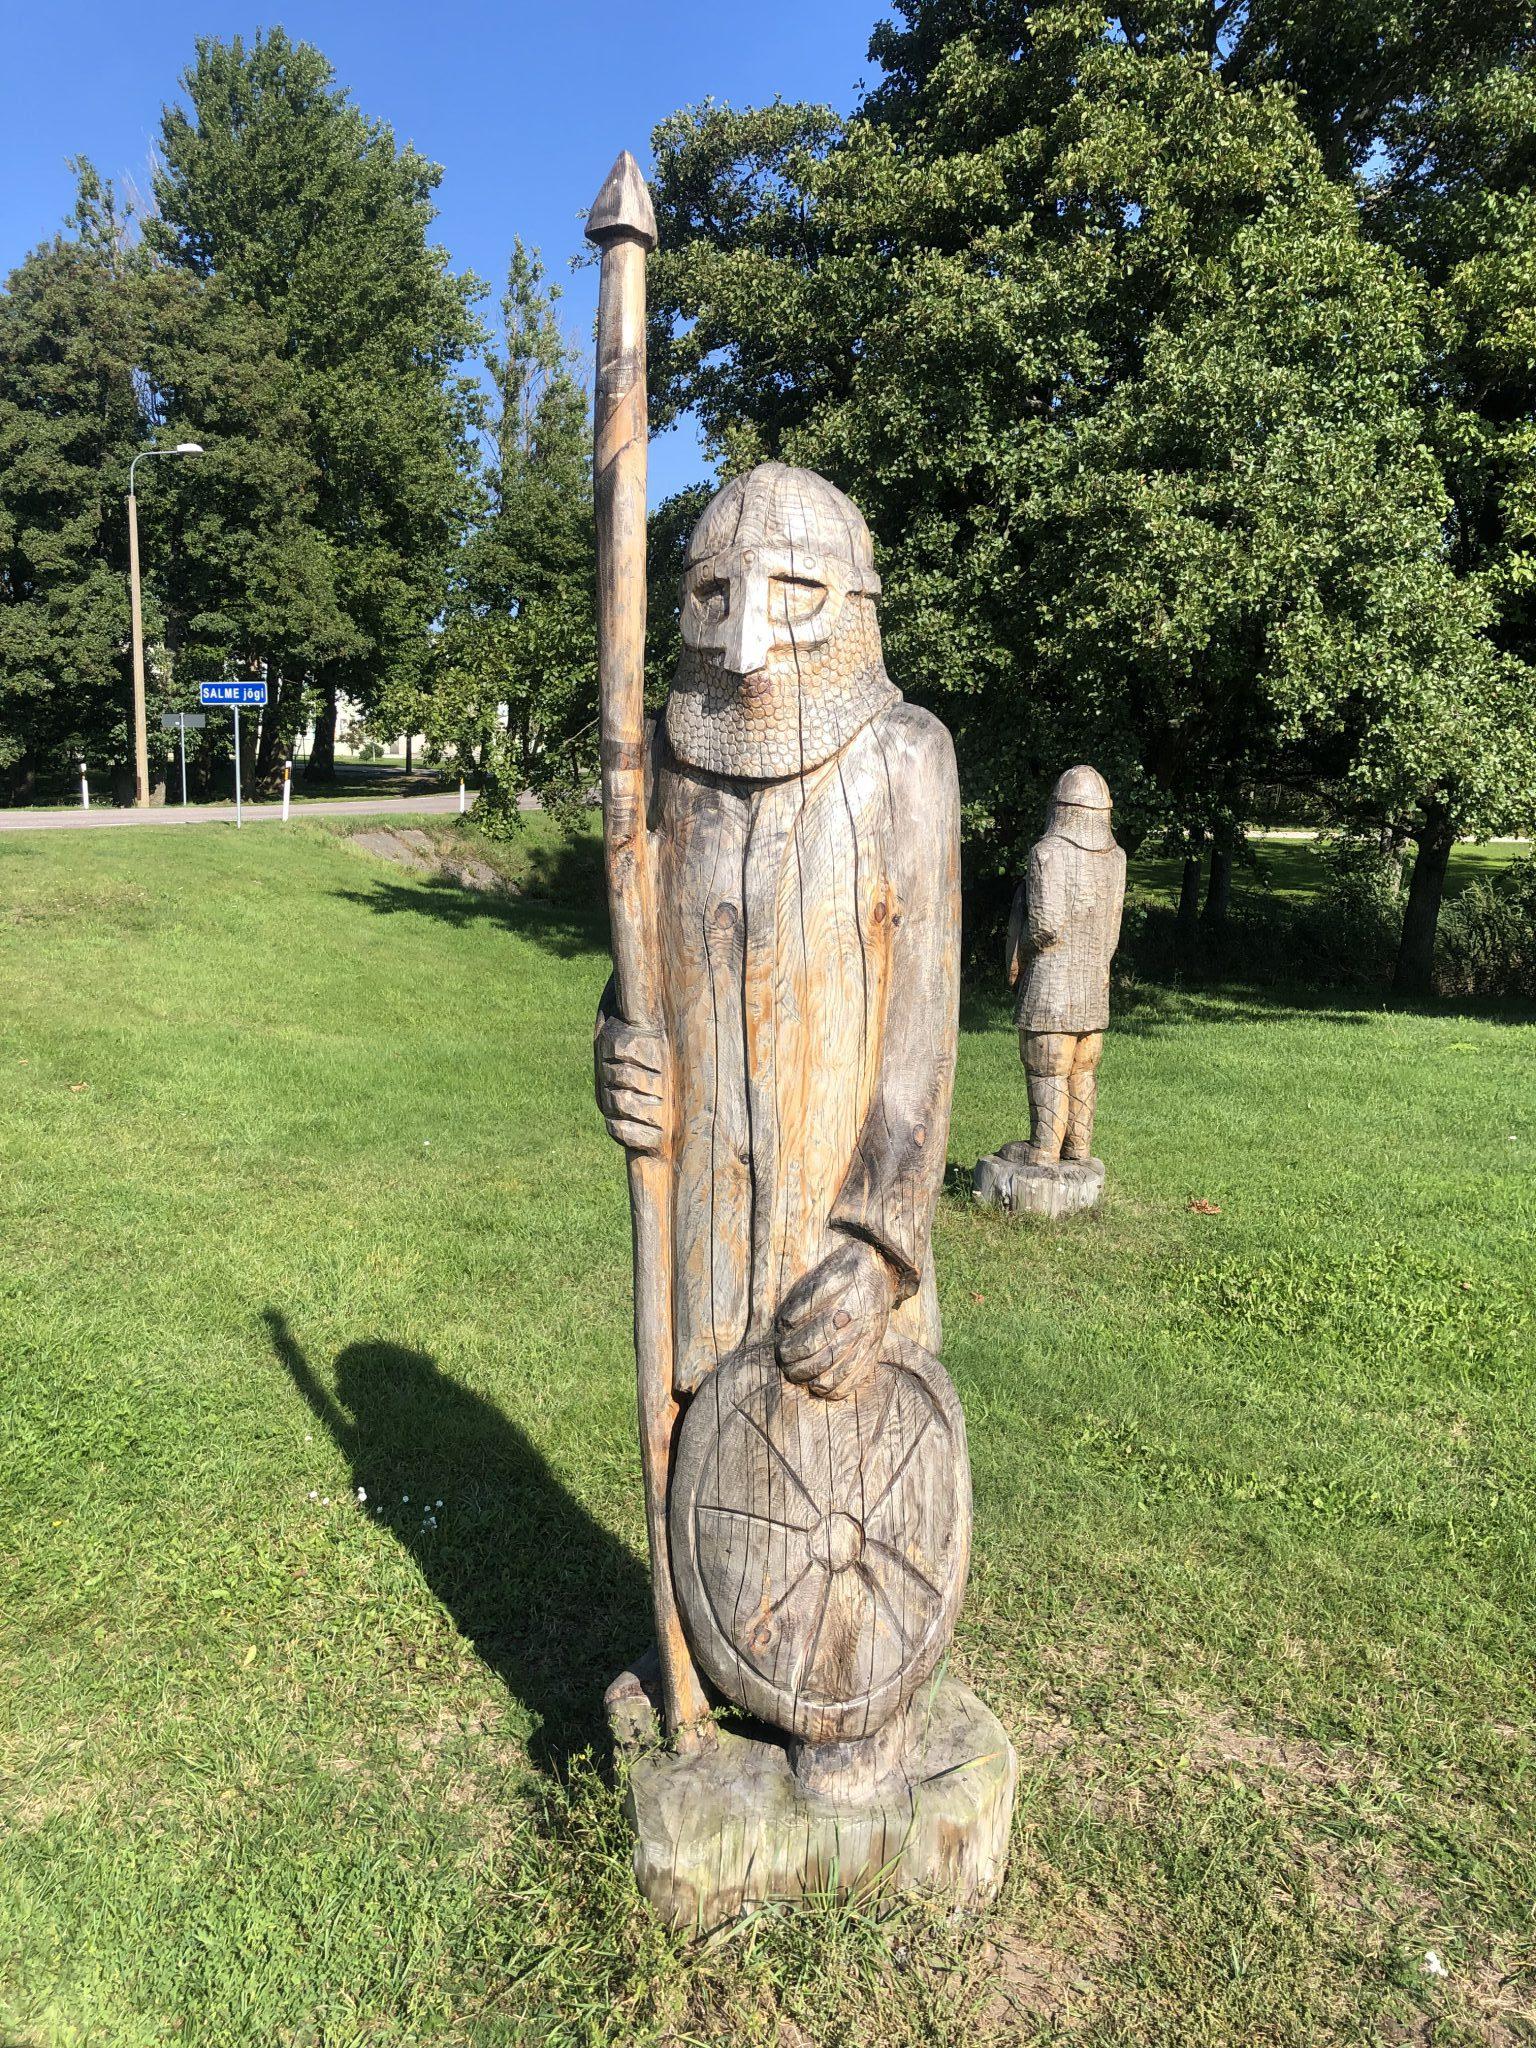 Ein Wikinger aus Holz gehört zu dem Wikingerschiffsgrab von Salme auf Saaremaa